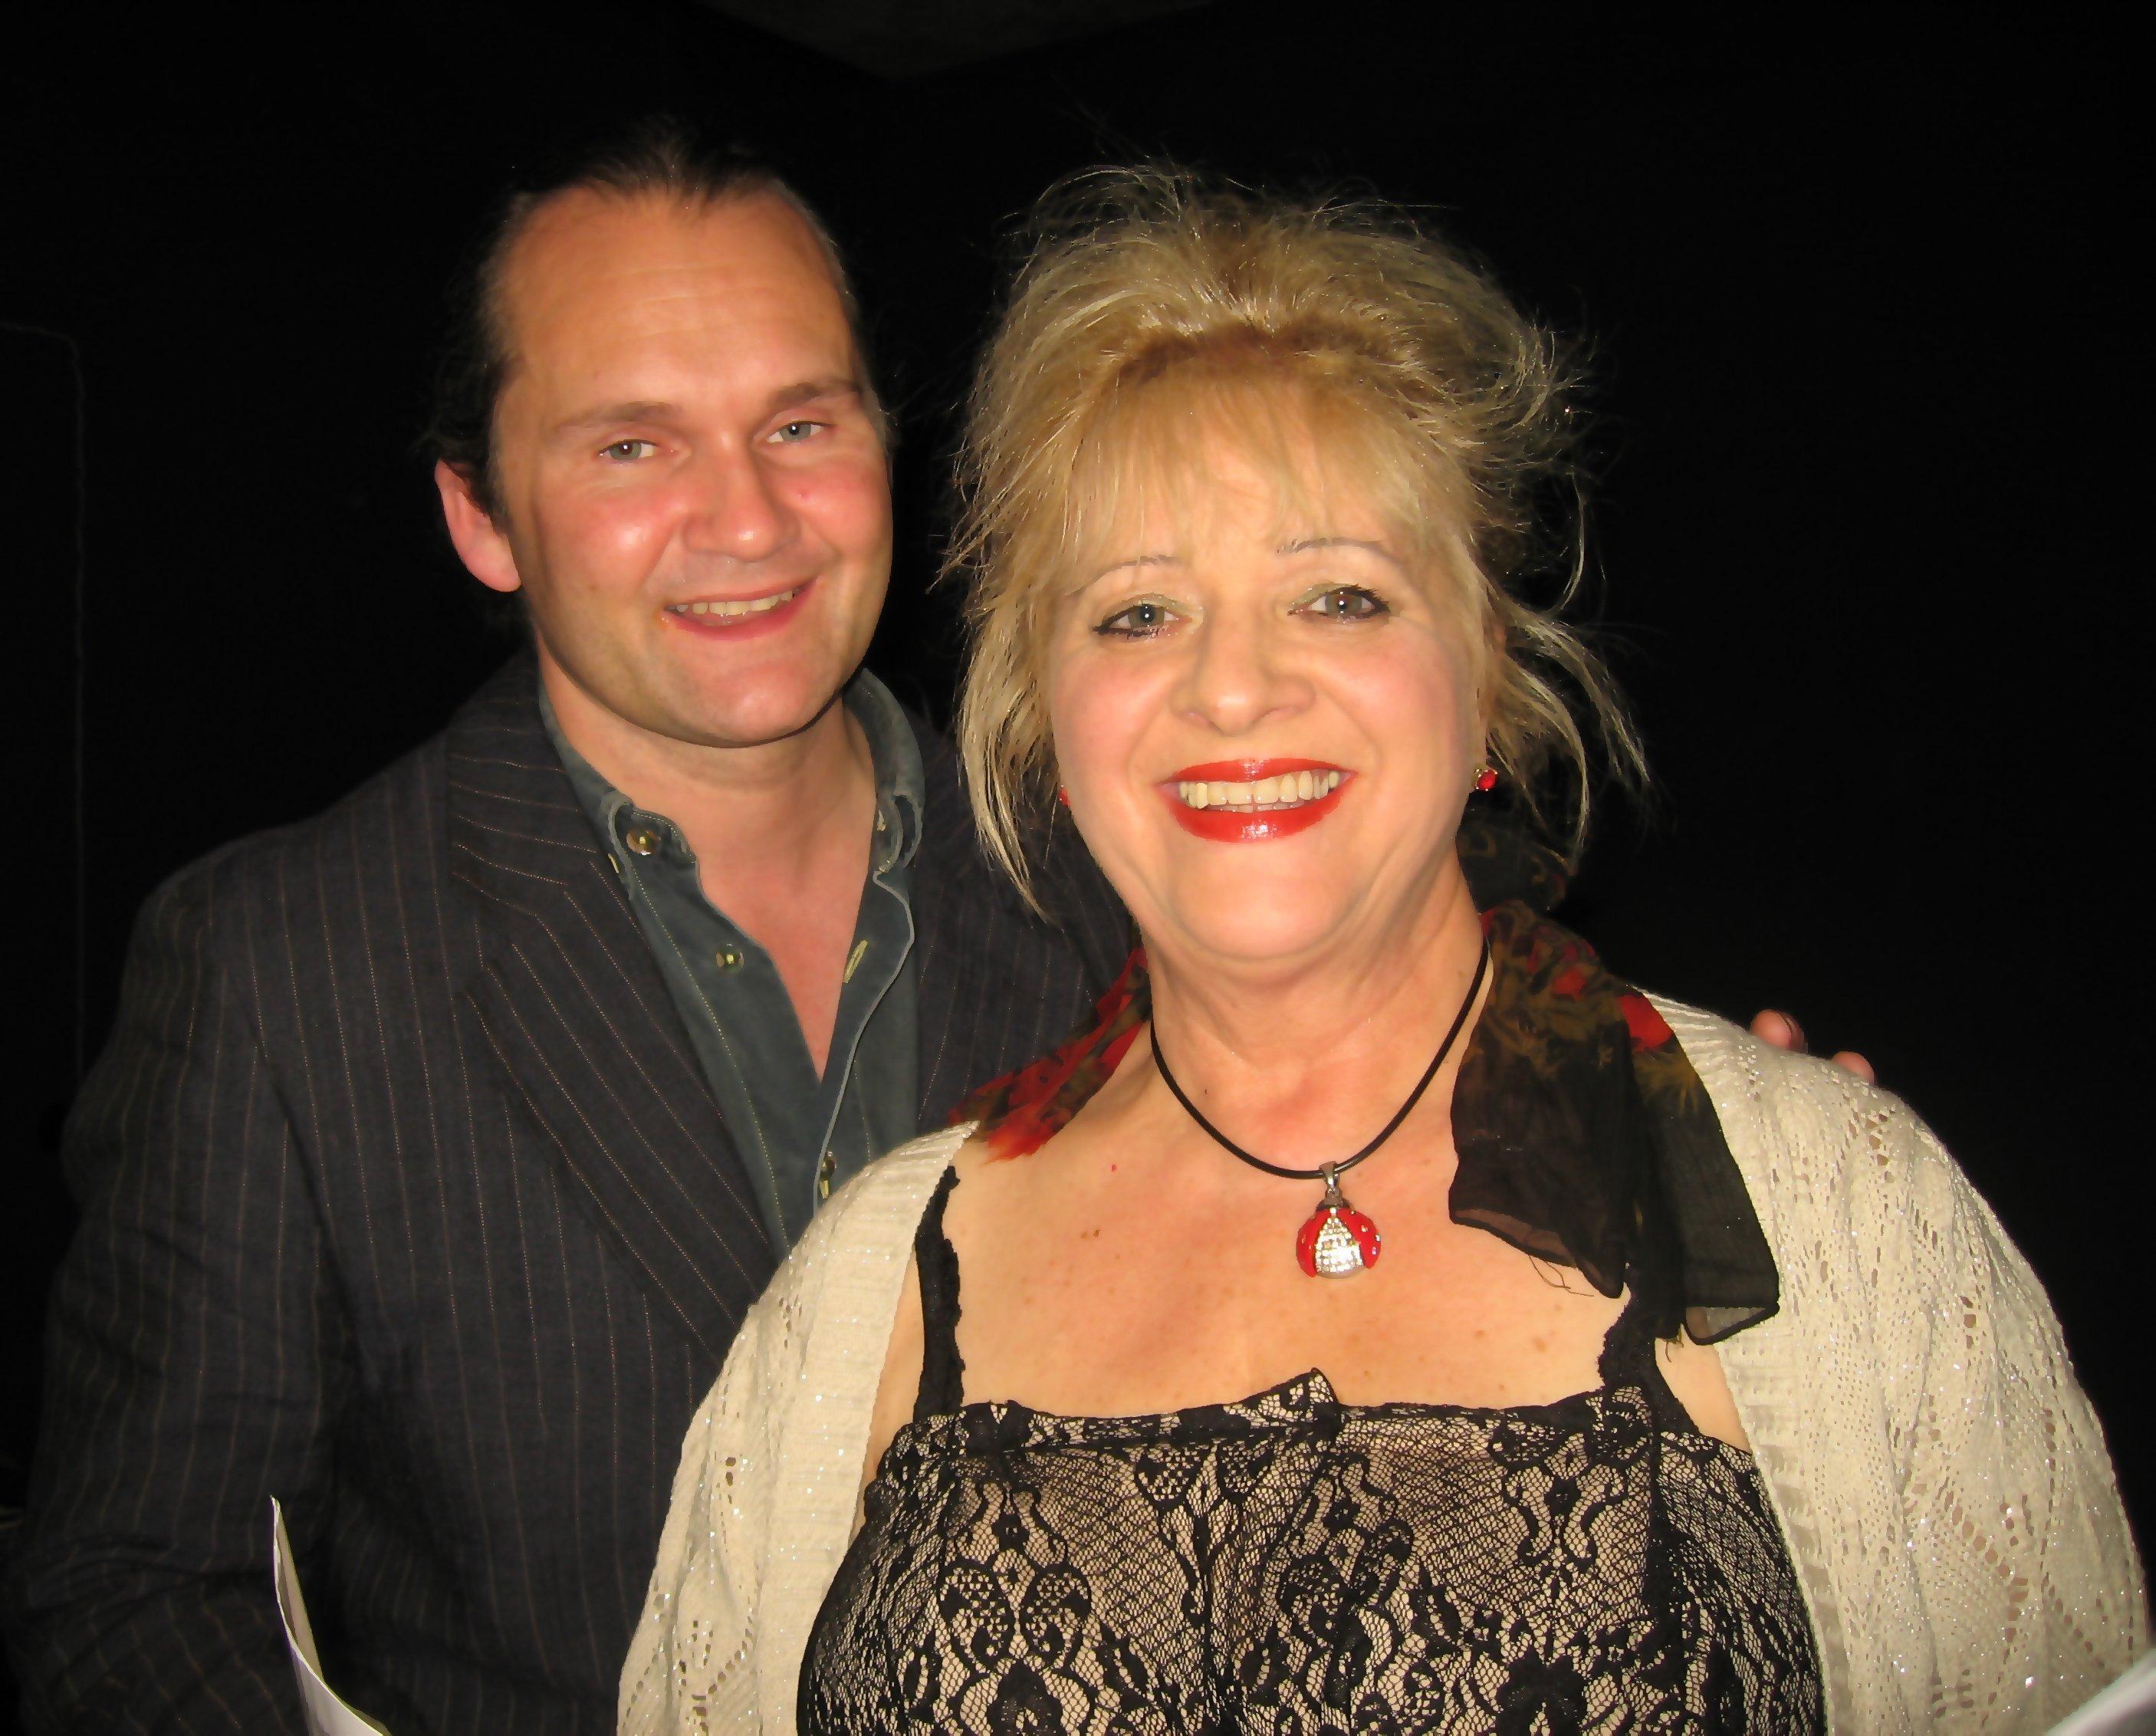 John Redmond and Alina